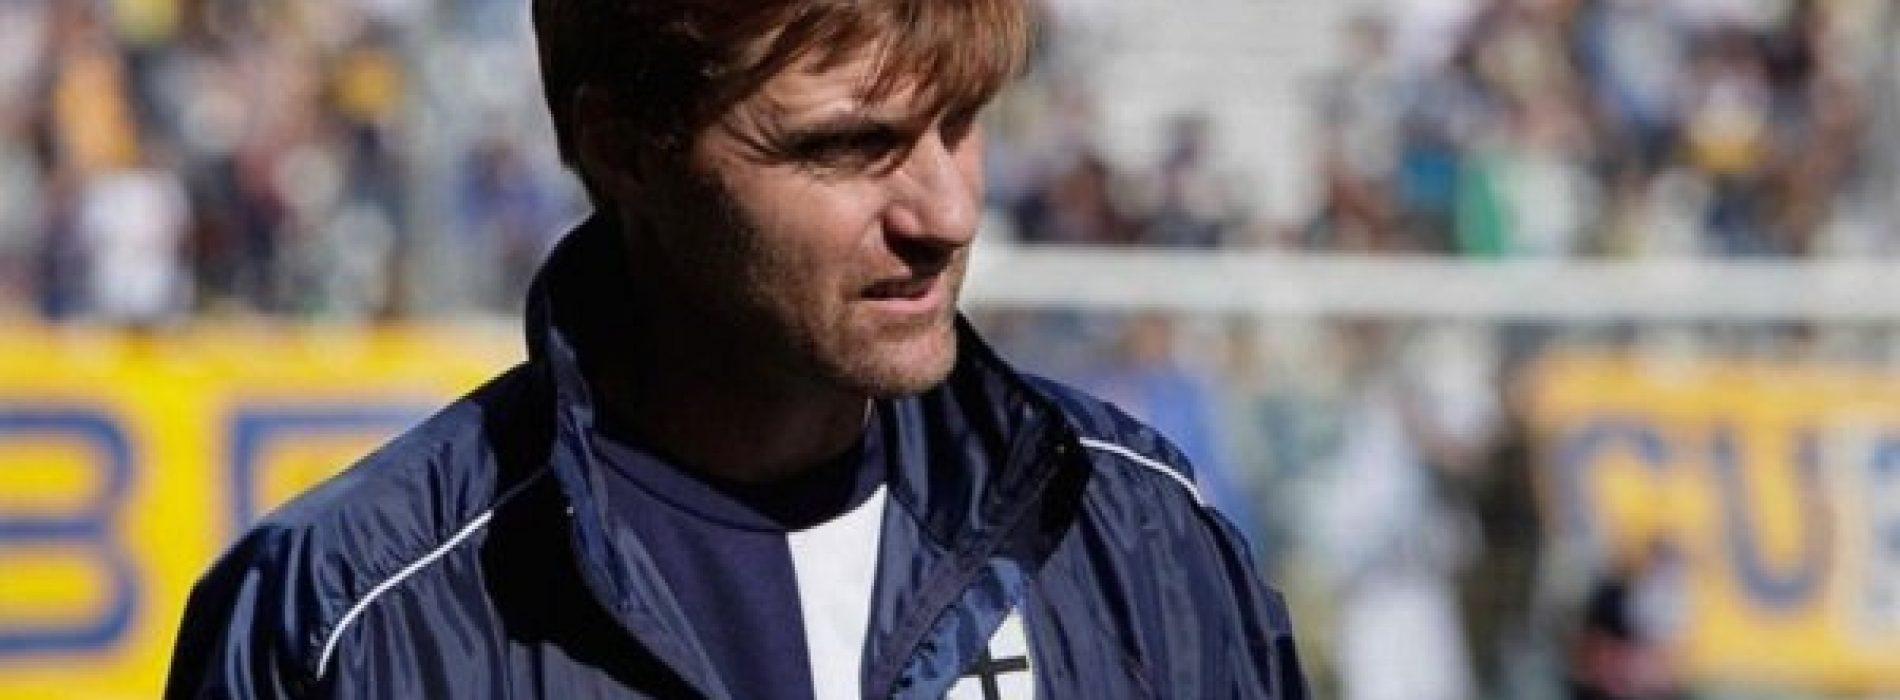 """Apolloni: """"Finale '94 ferita ancora aperta. Kulusevski può fare bene alla Juventus. Koulibaly via? Dipende dalle motivazioni"""""""